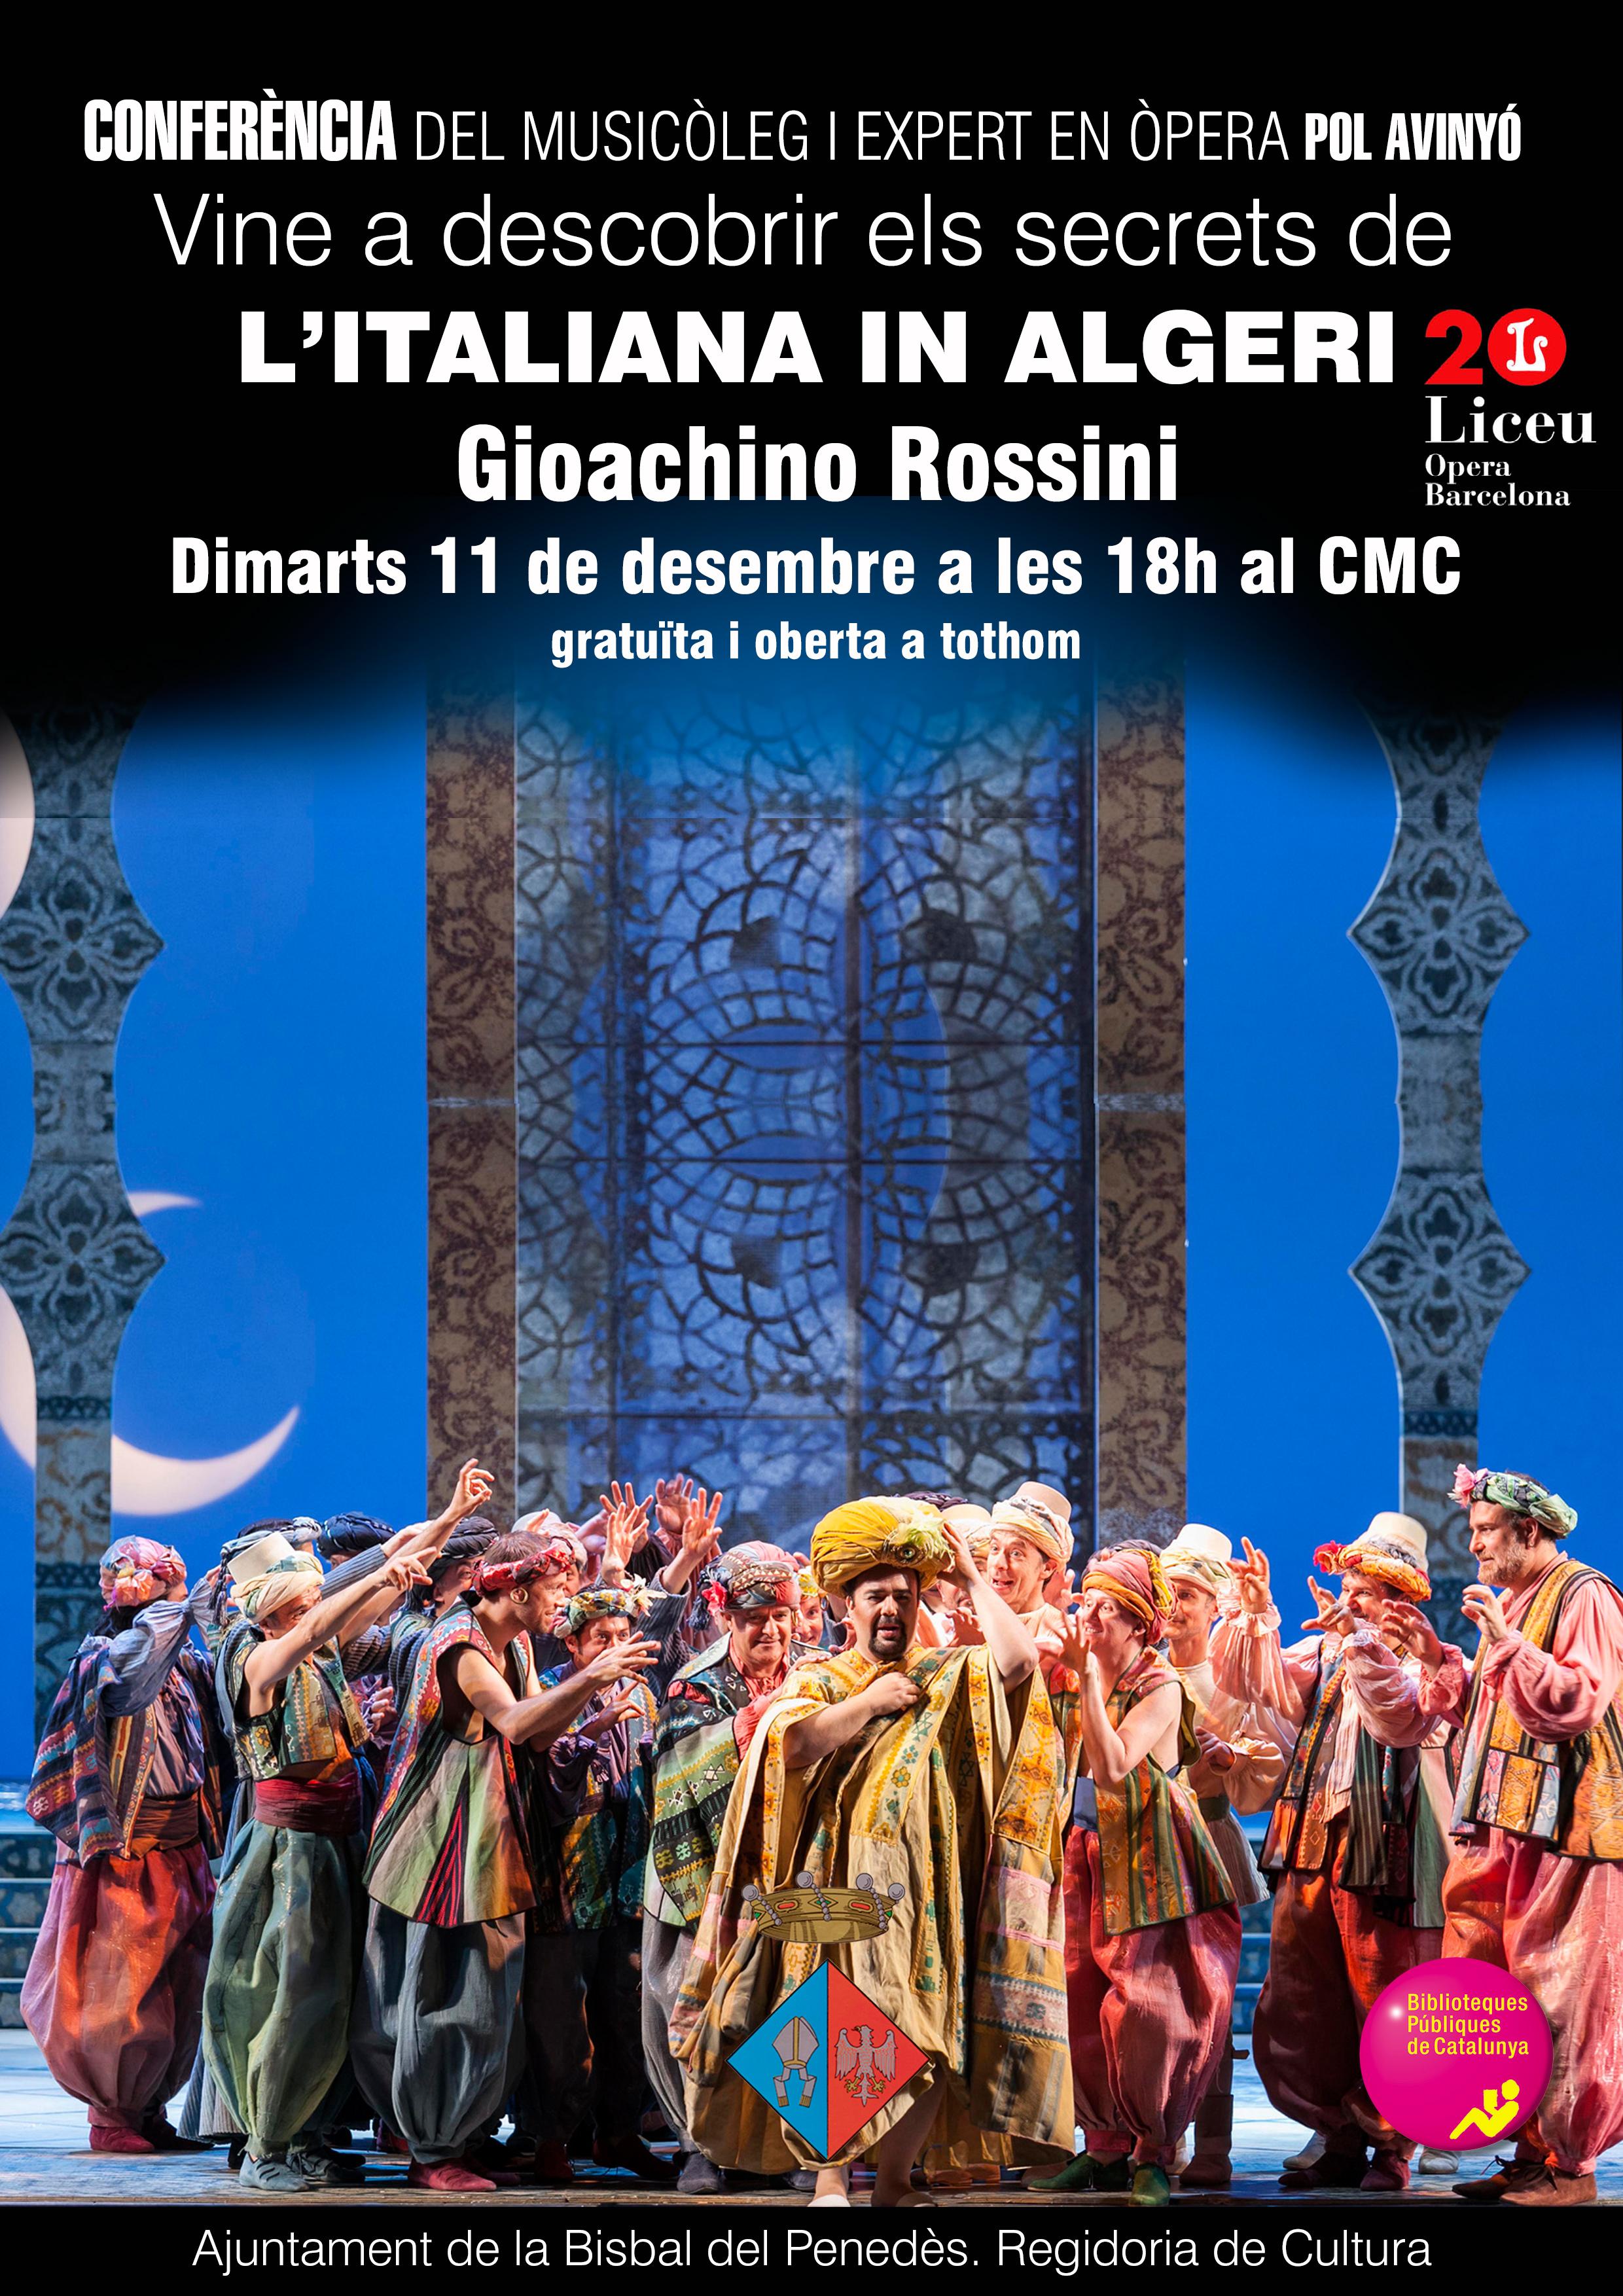 El pròxim 11 de desembre a les 18h tindrà lloc una conferència sobre l'òpera 'L'italiana in Algeri' al CMC